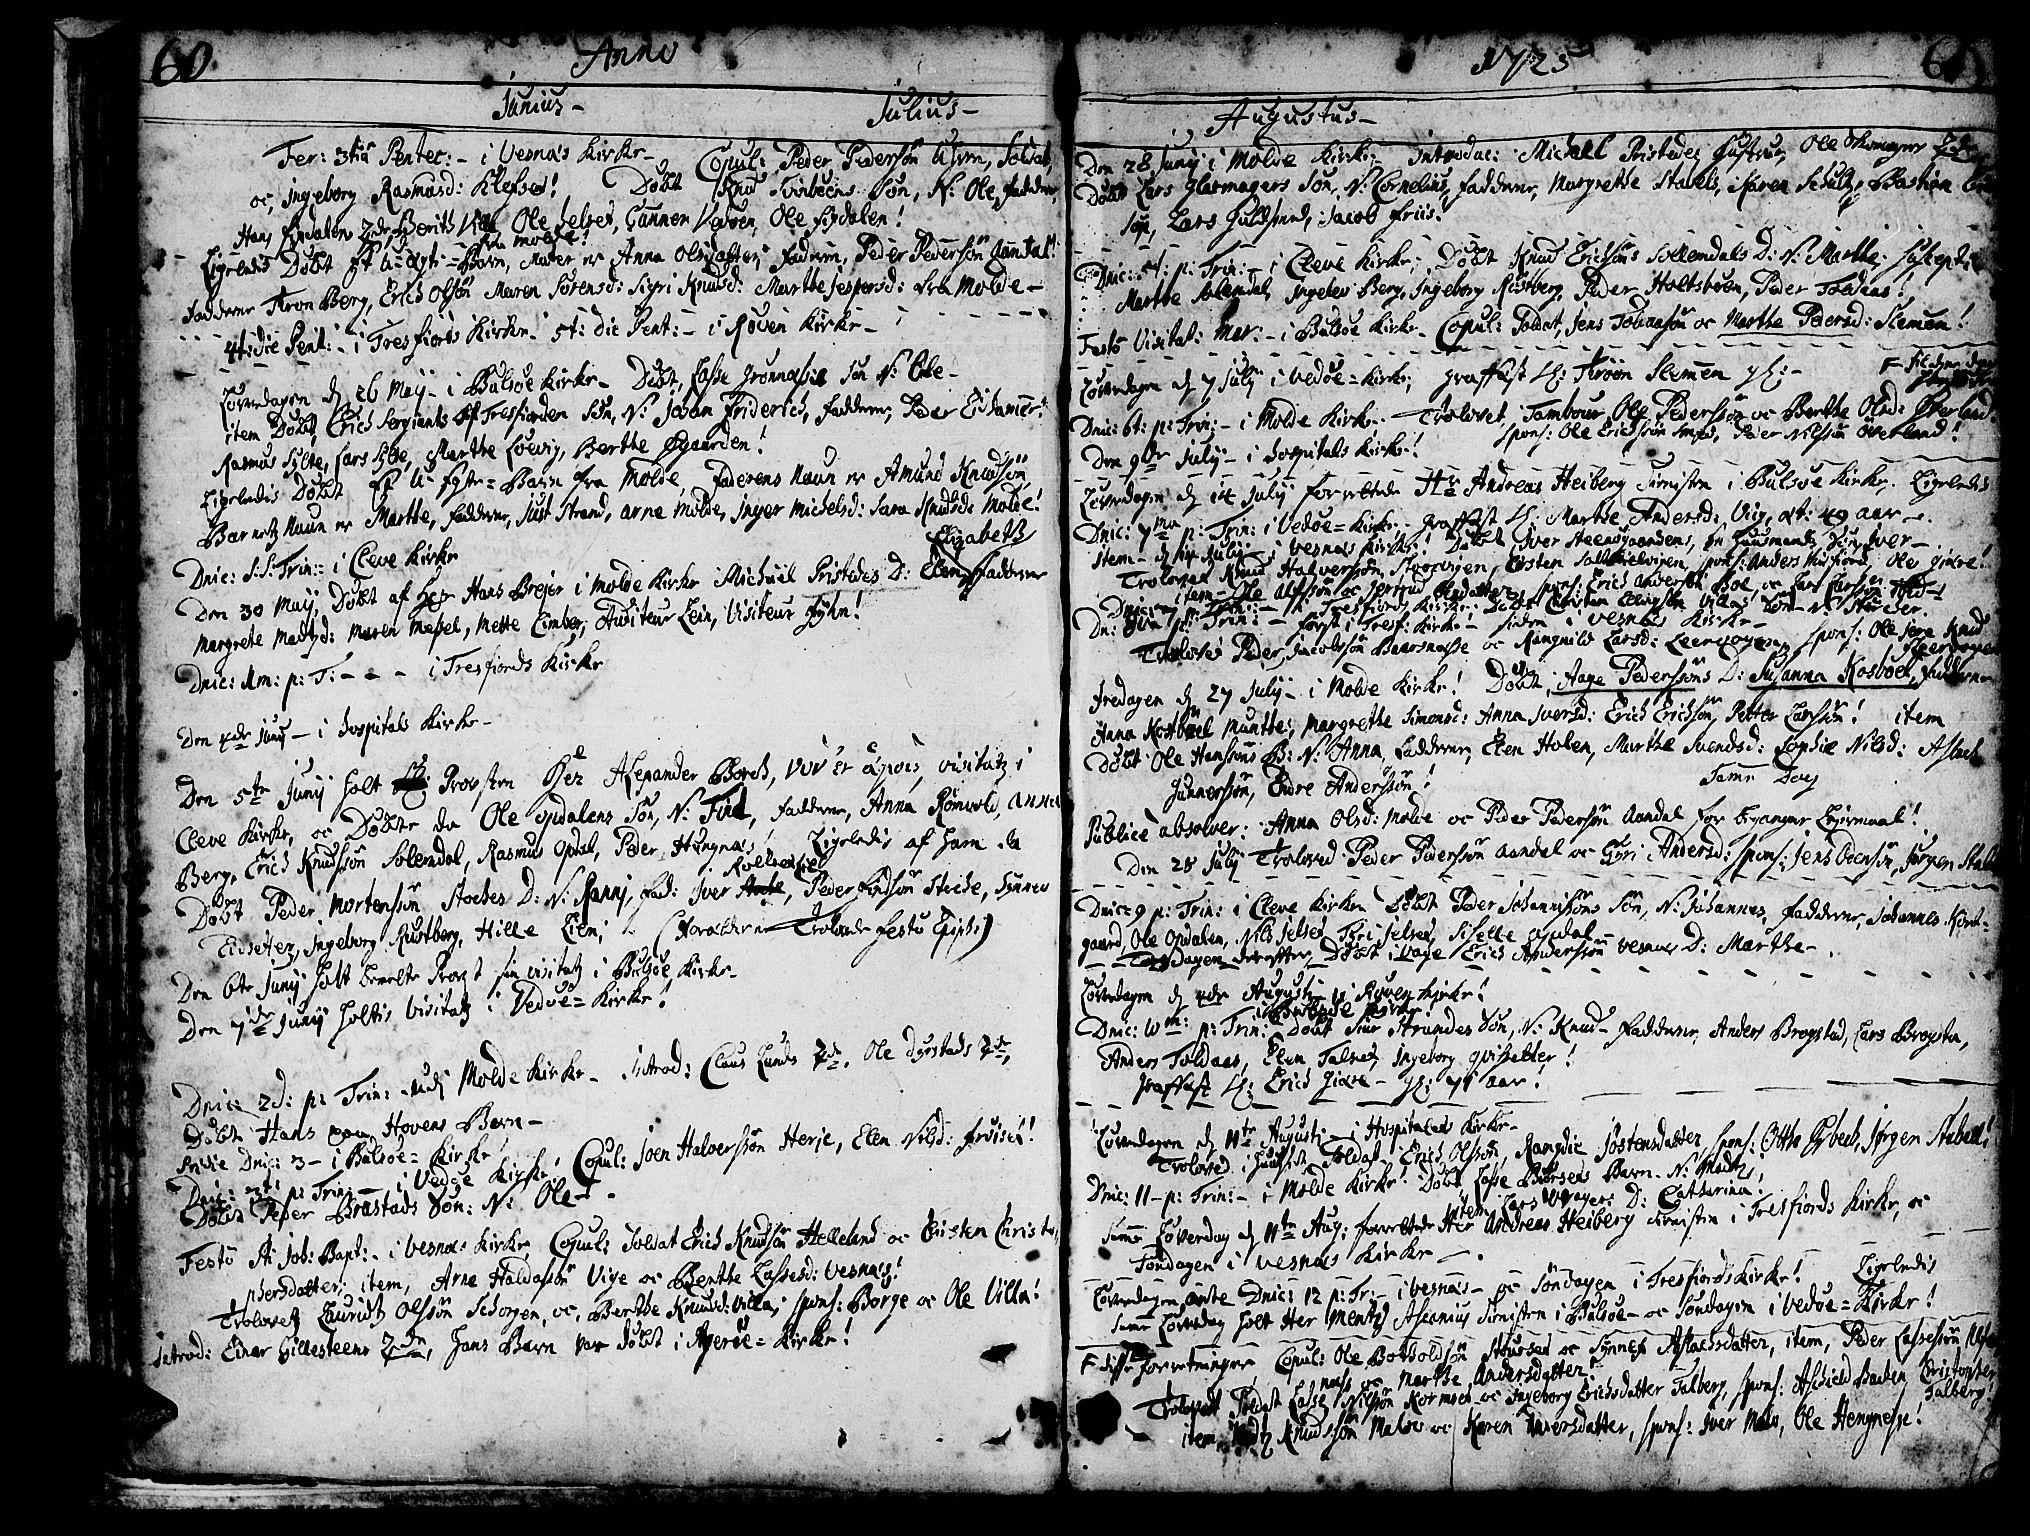 SAT, Ministerialprotokoller, klokkerbøker og fødselsregistre - Møre og Romsdal, 547/L0599: Ministerialbok nr. 547A01, 1721-1764, s. 62-63